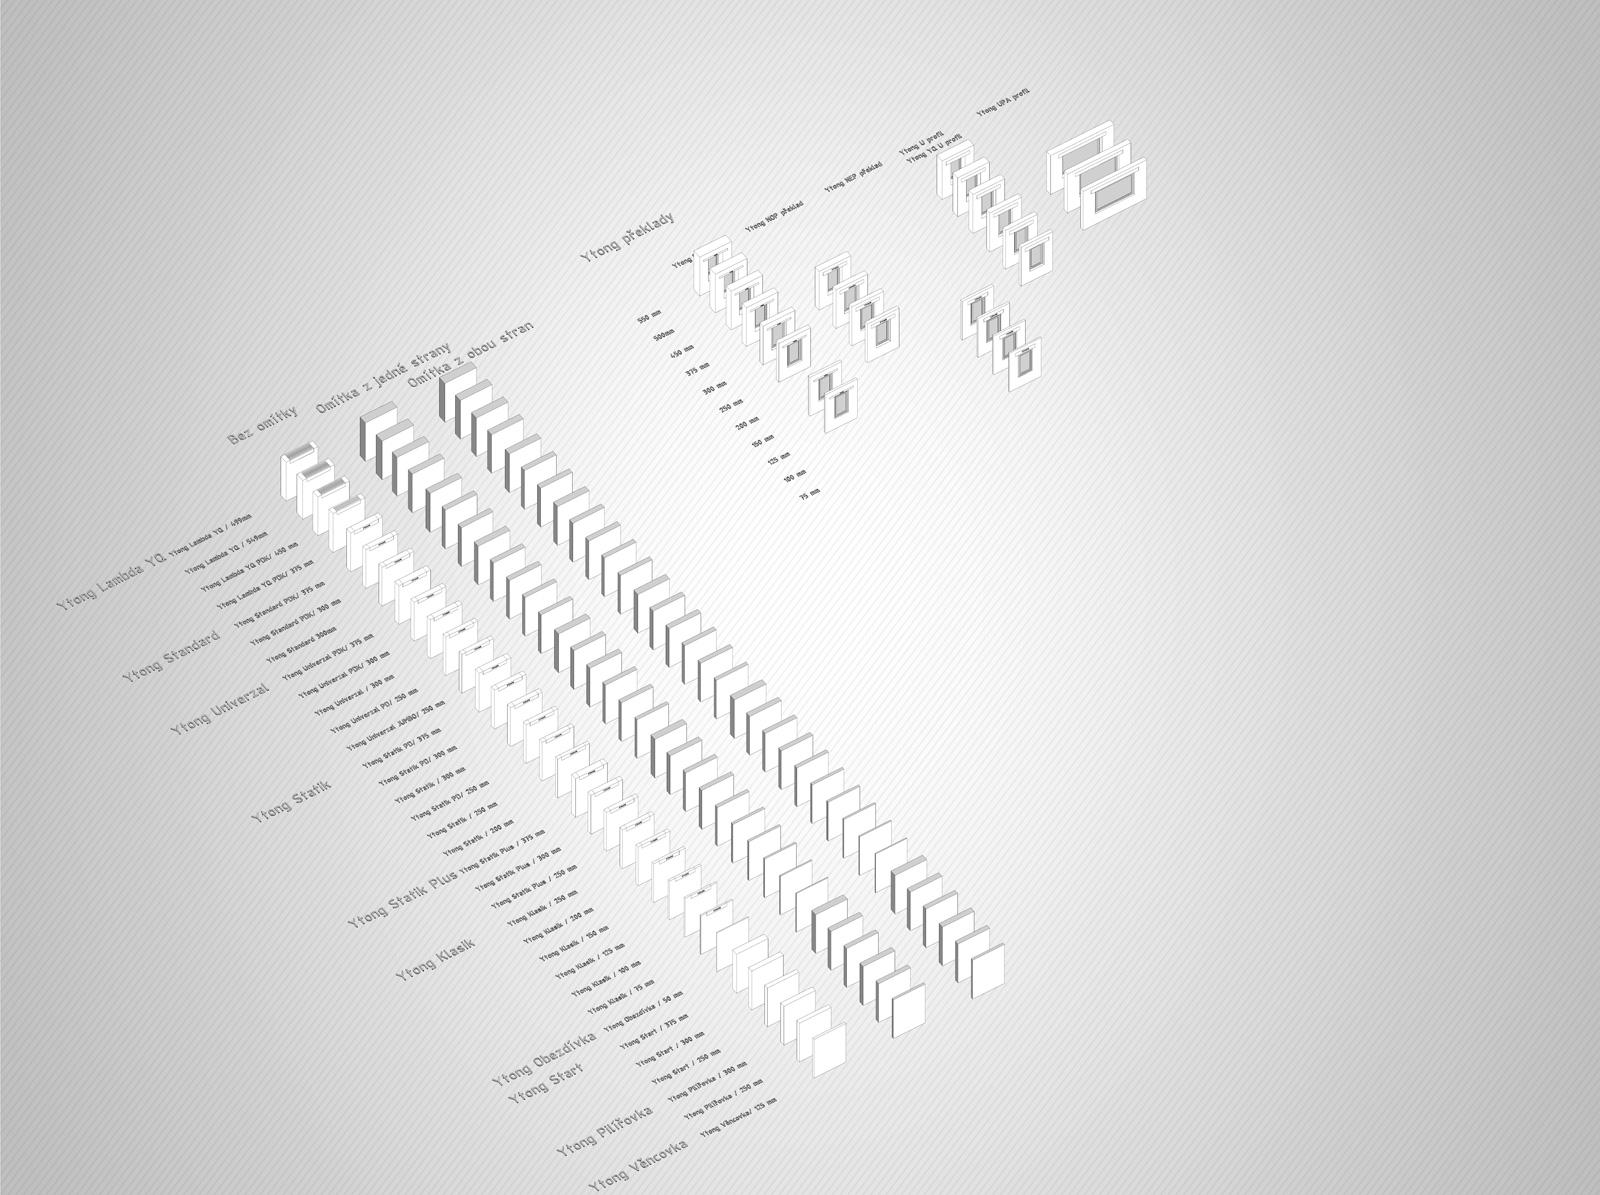 projektovanie so sadou BIM prvkou od spoločnosti XELLA 2